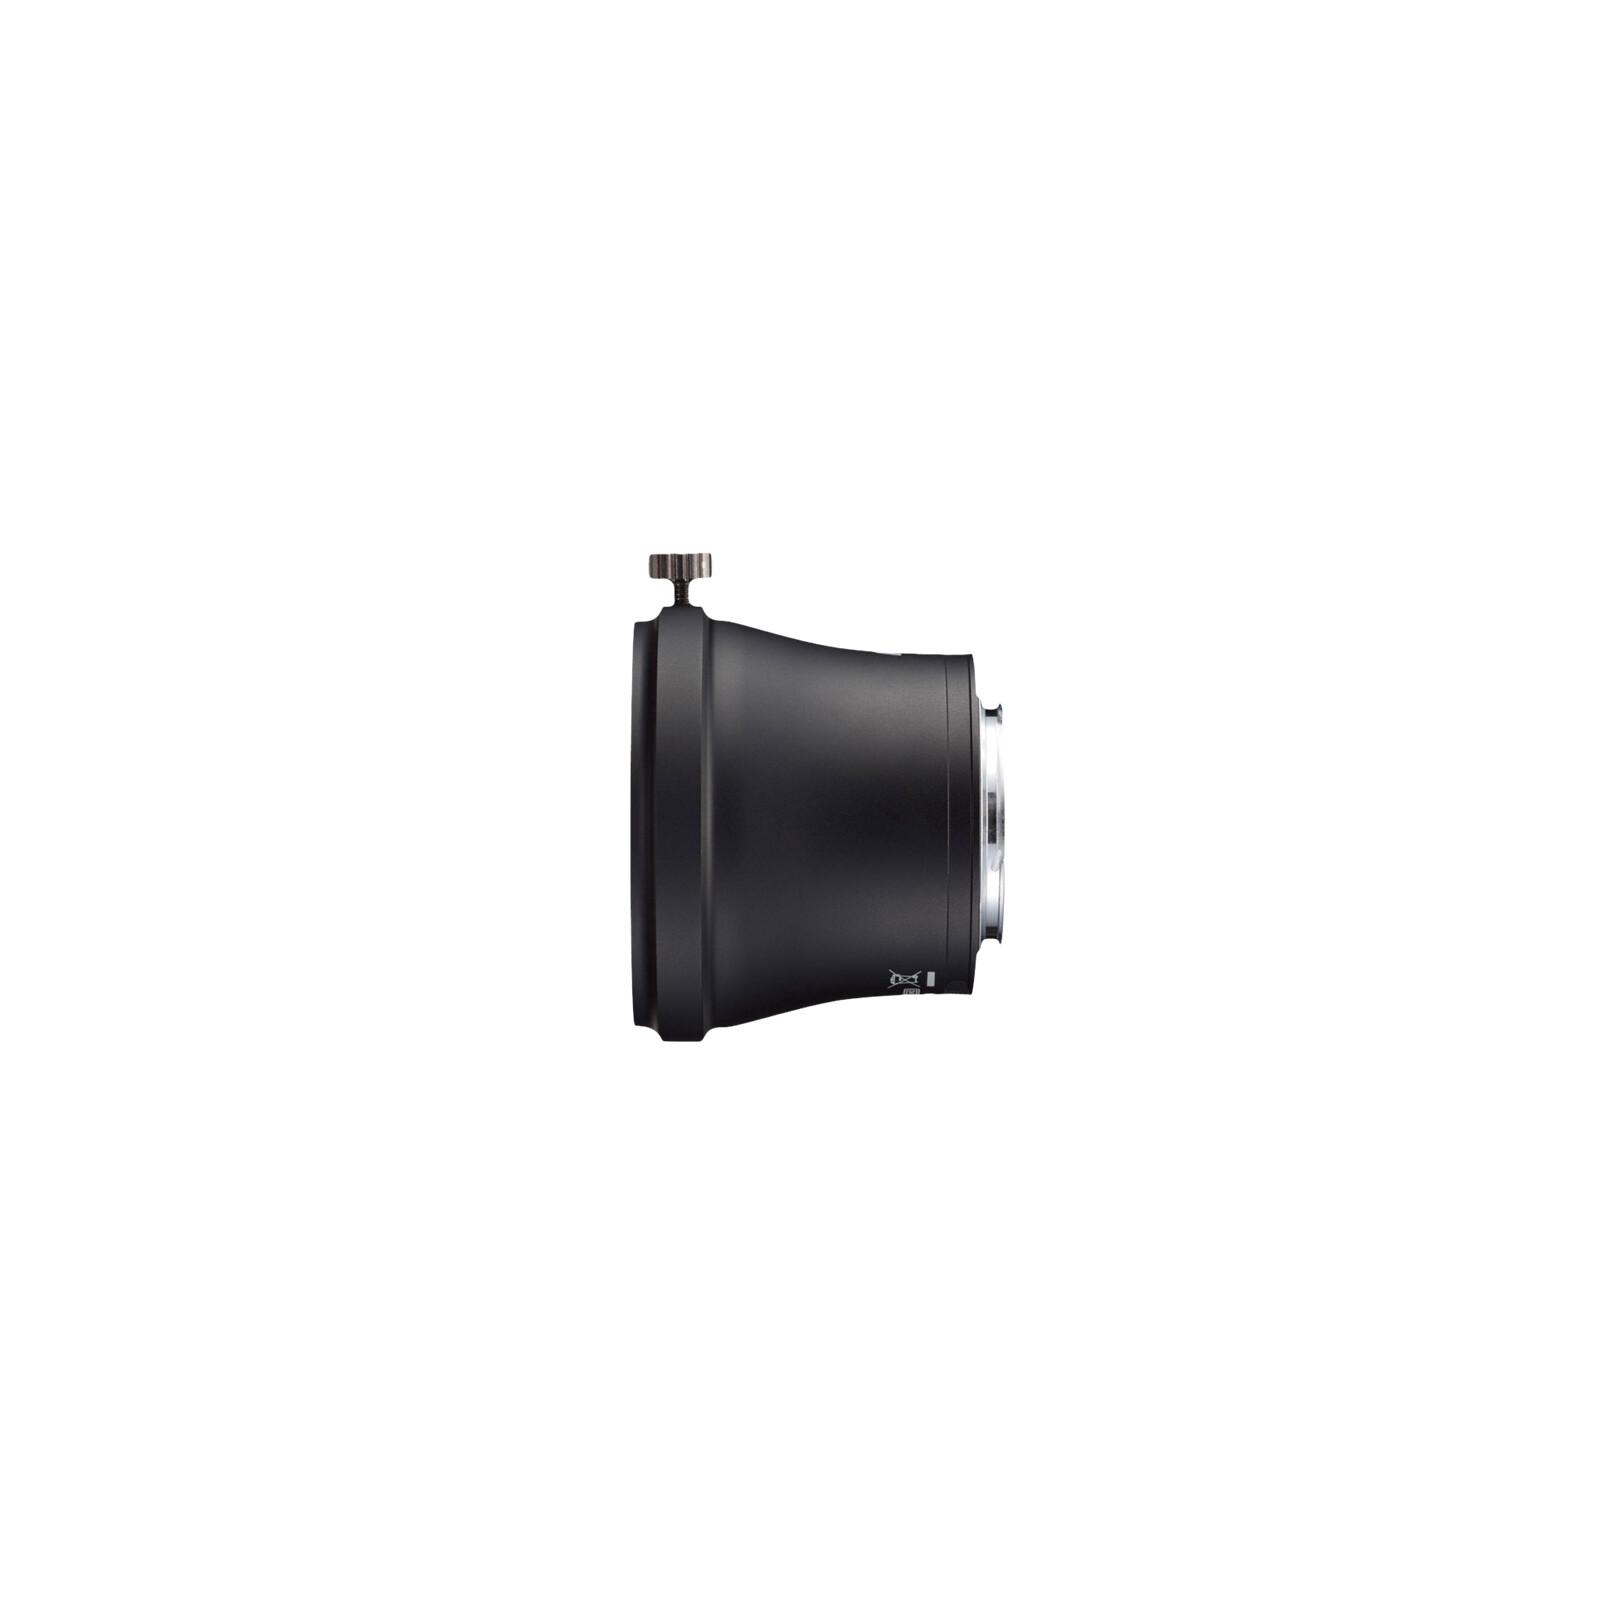 Nikon DSA-N1 Adapter Fieldscope